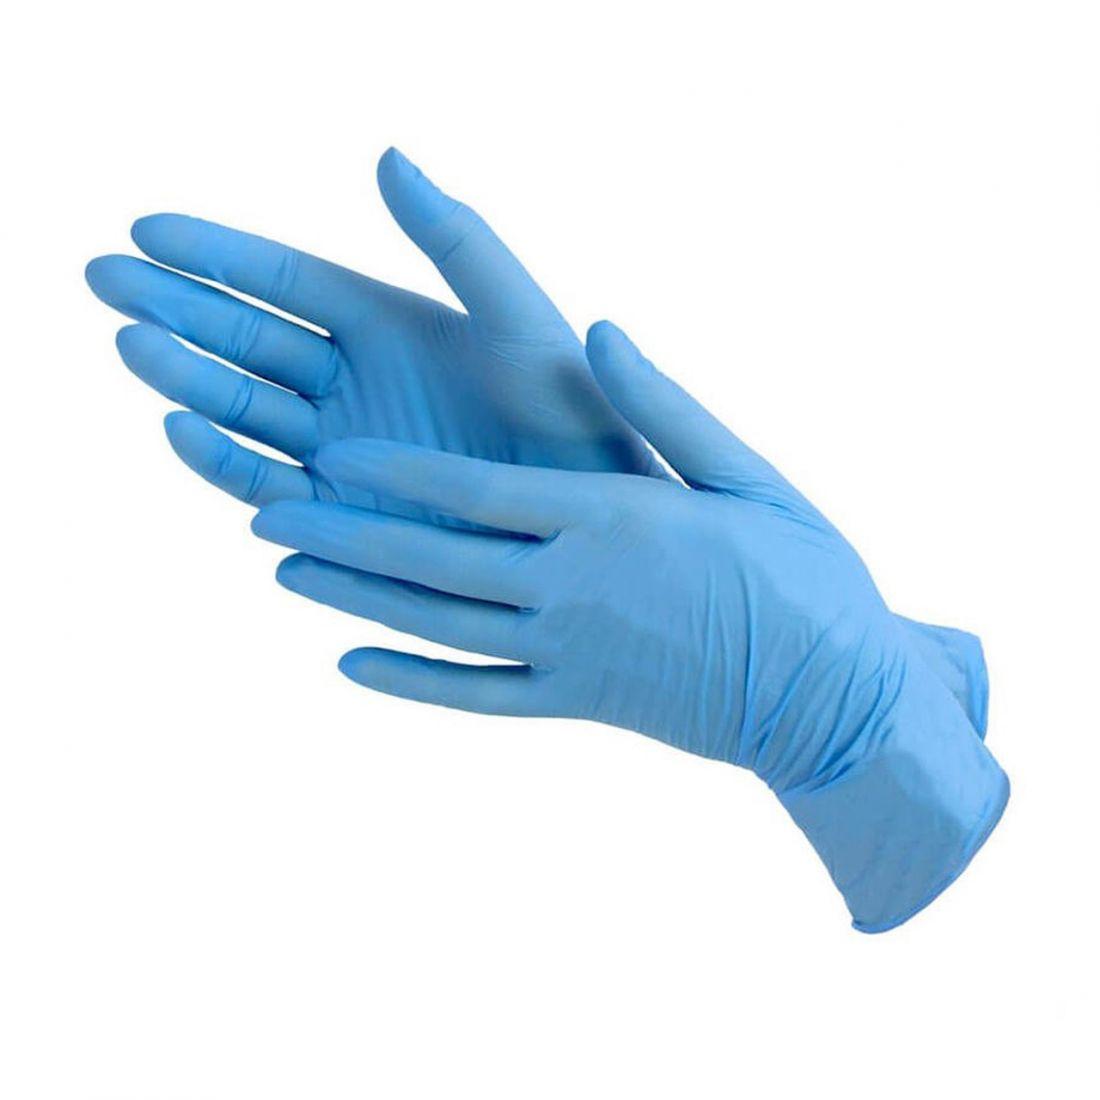 ПЕРЧАТКИ нитриловые голубые неопудренные, 50 пар, размер L